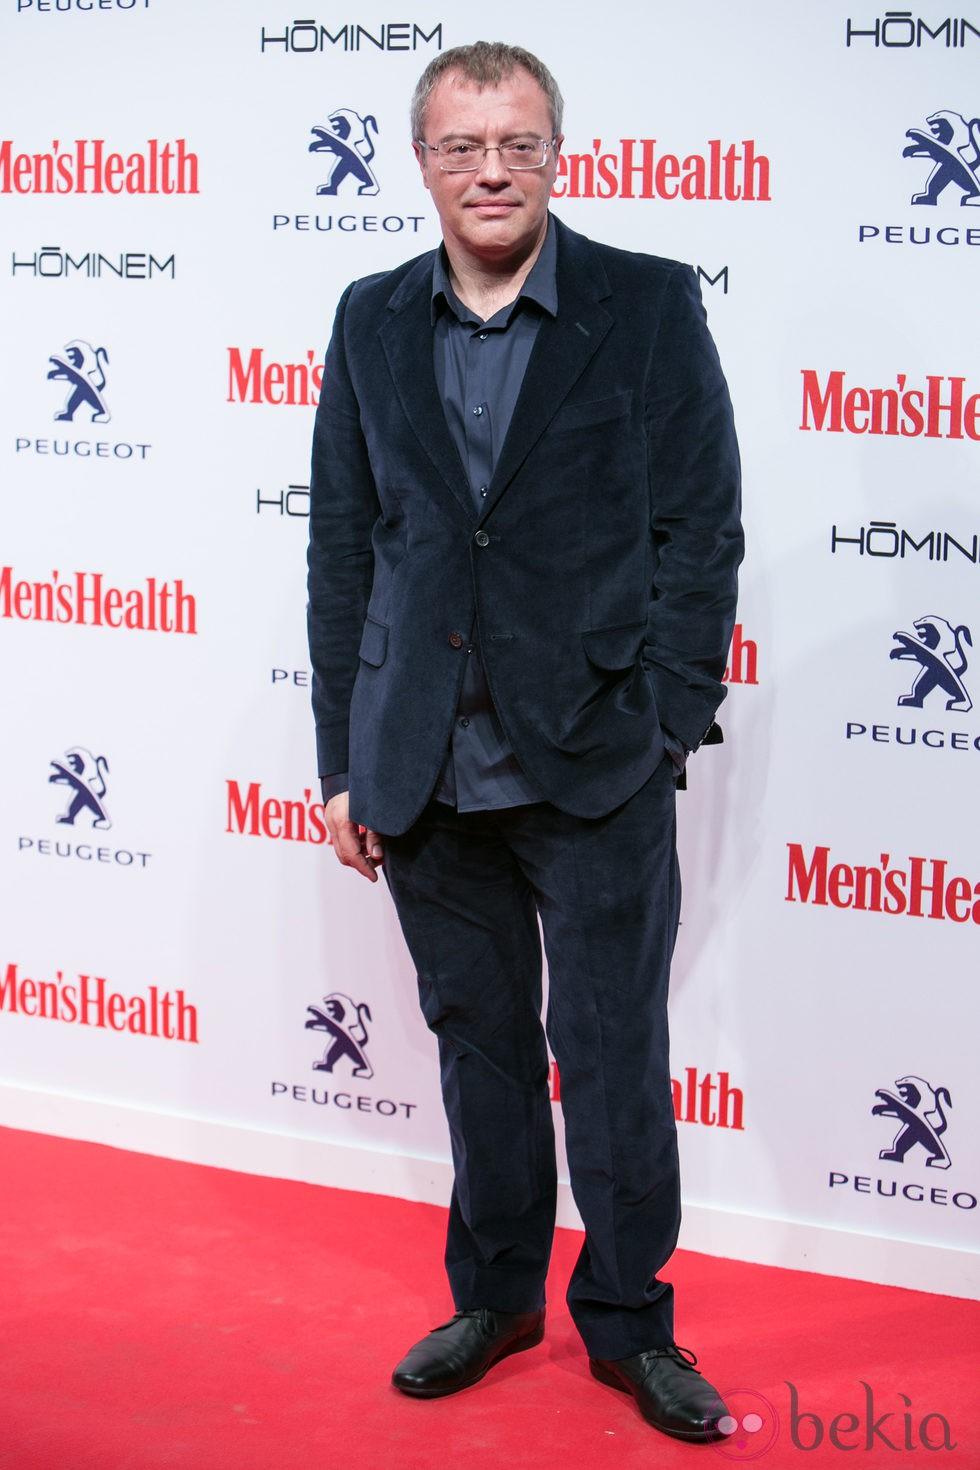 Daniel Monzón en la entrega de los Premios Men's Health 2014